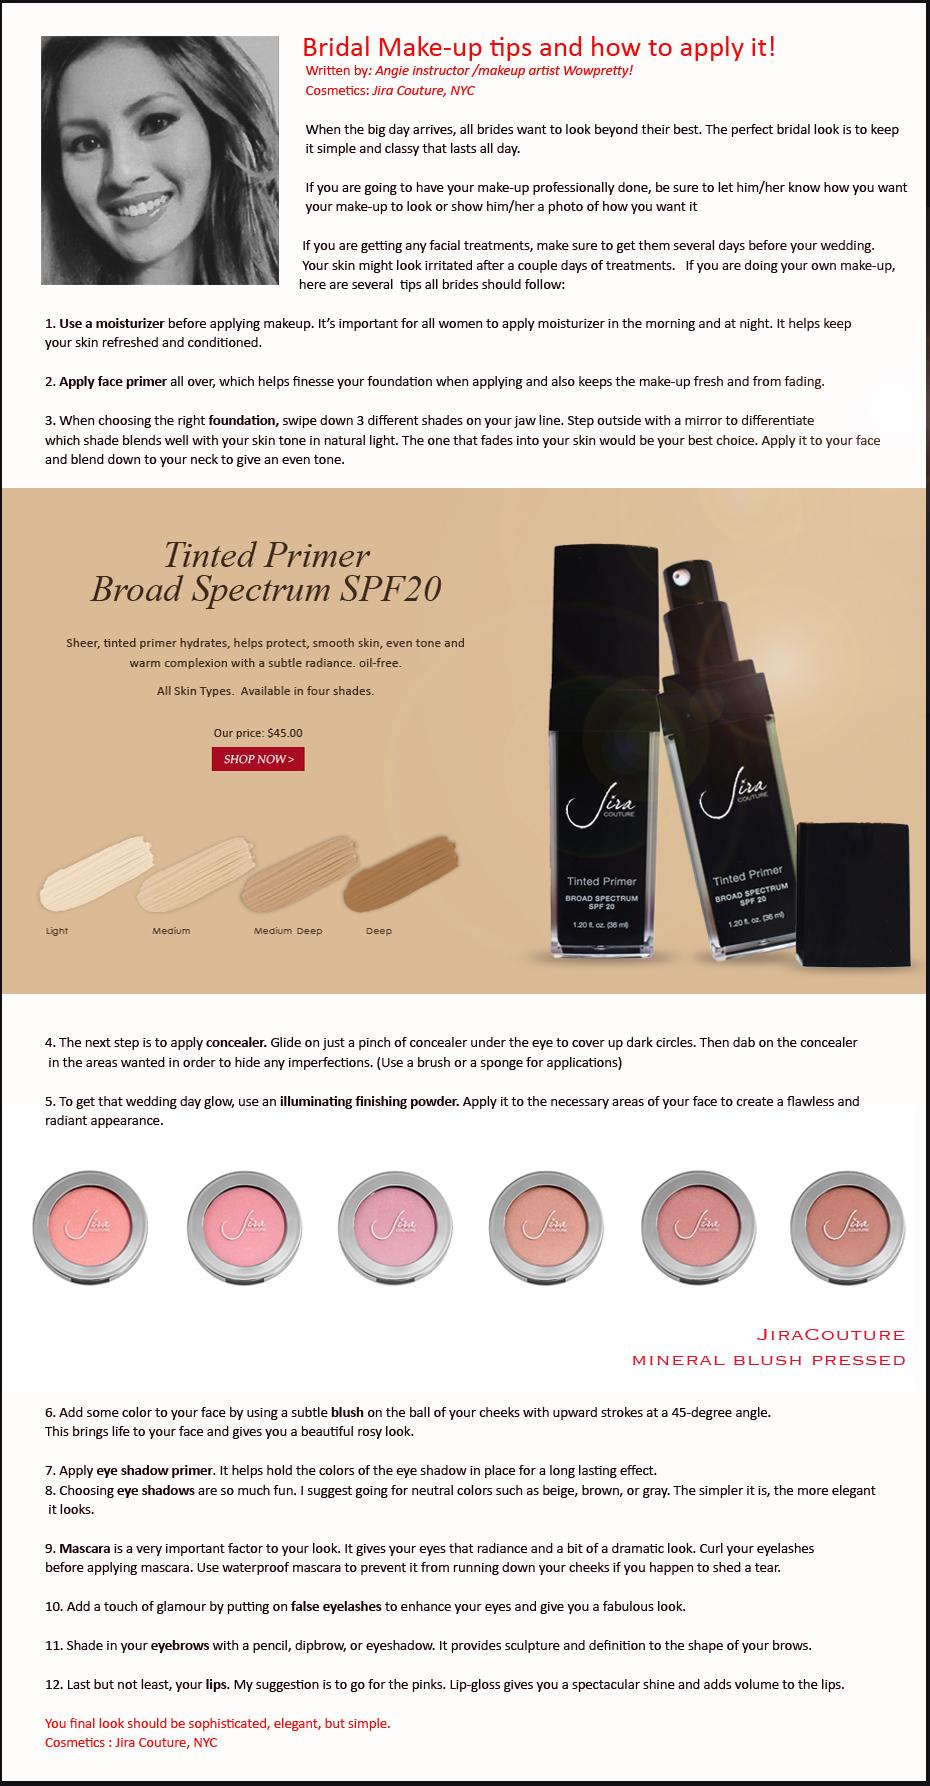 Bridal Make-up tips